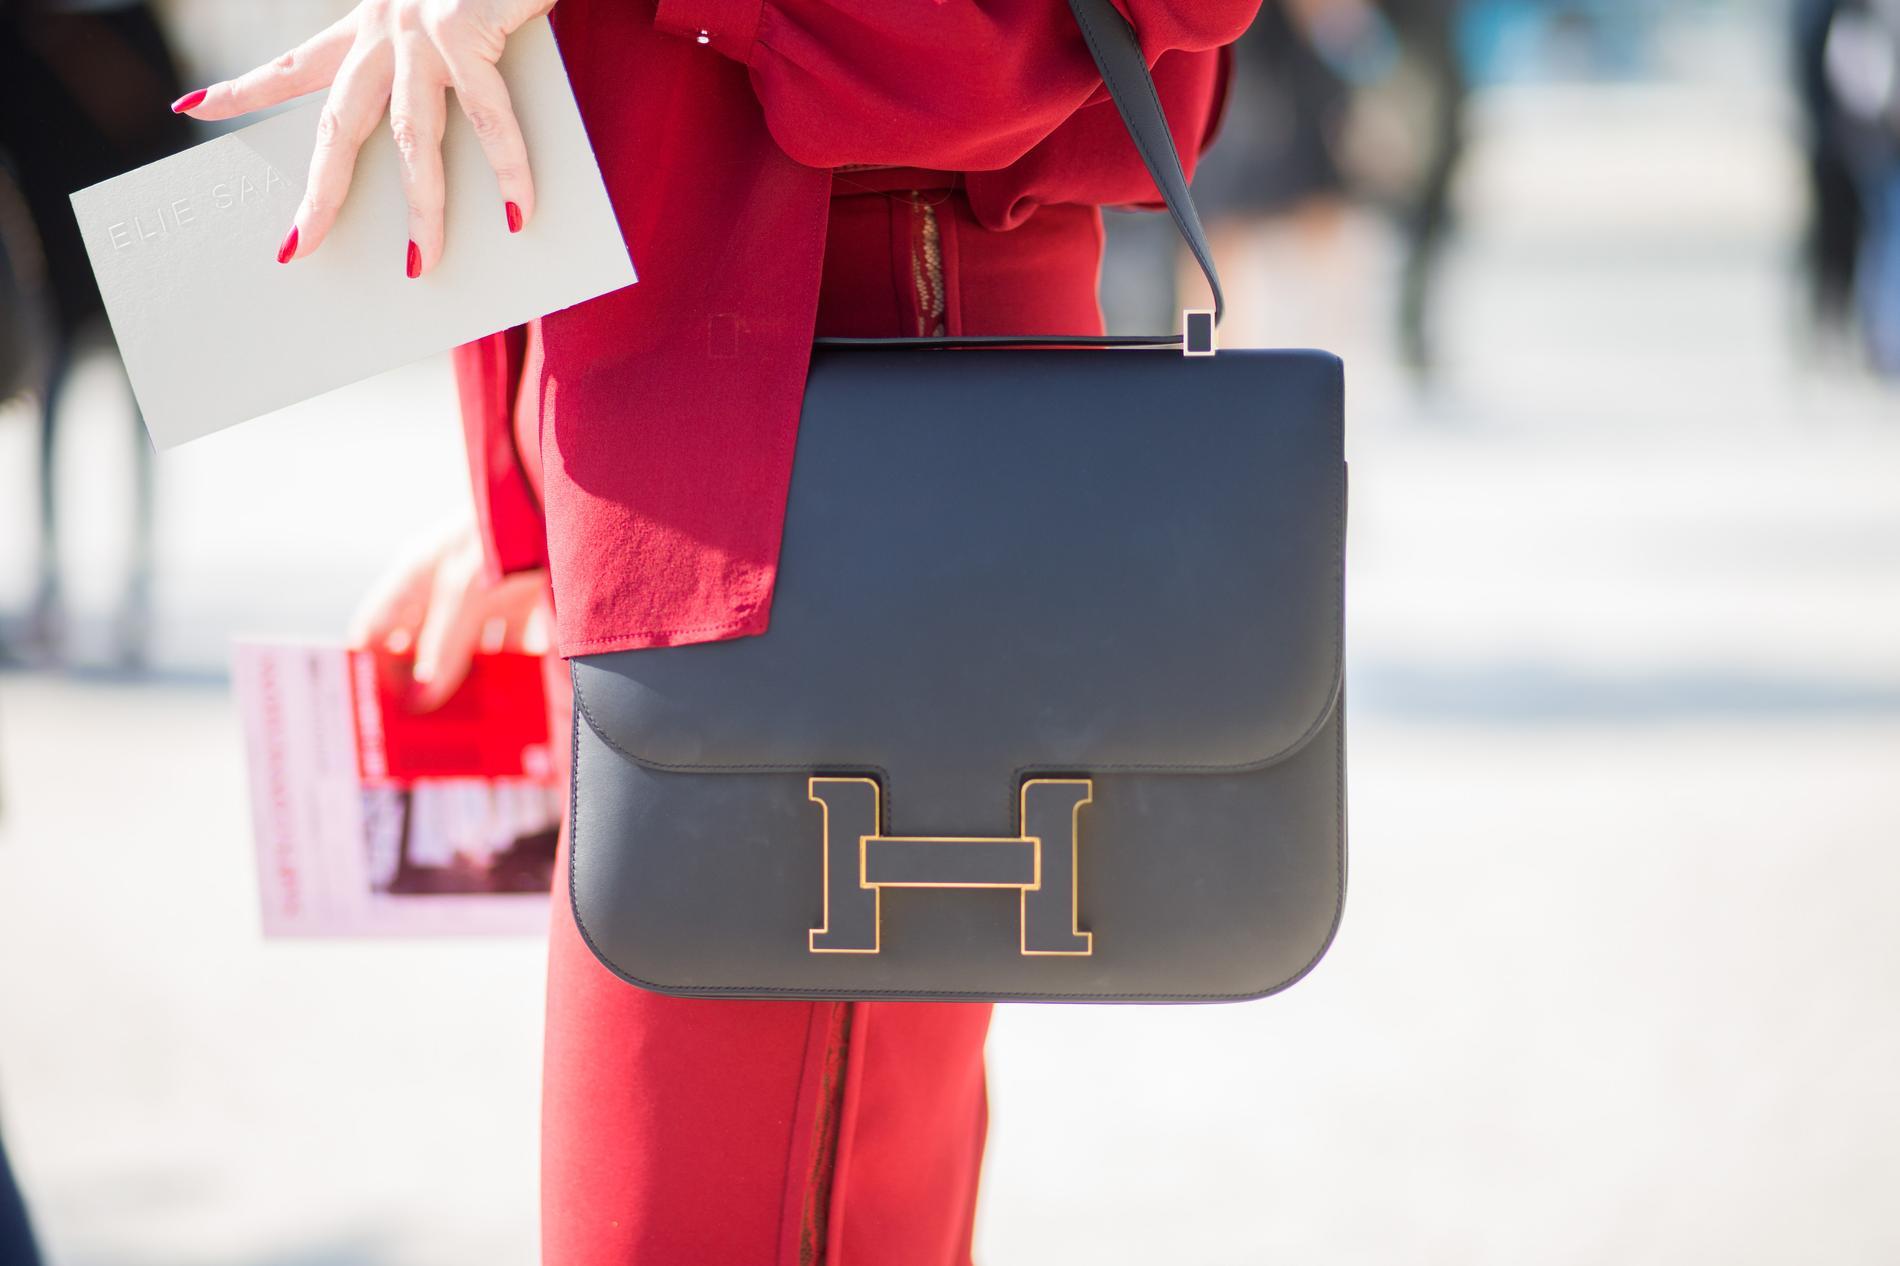 29be9f17ec Reconnaissable par sa fameuse boucle H, le Constance d'Hermès fait partie  de ses grands sacs classiques et intemporels.